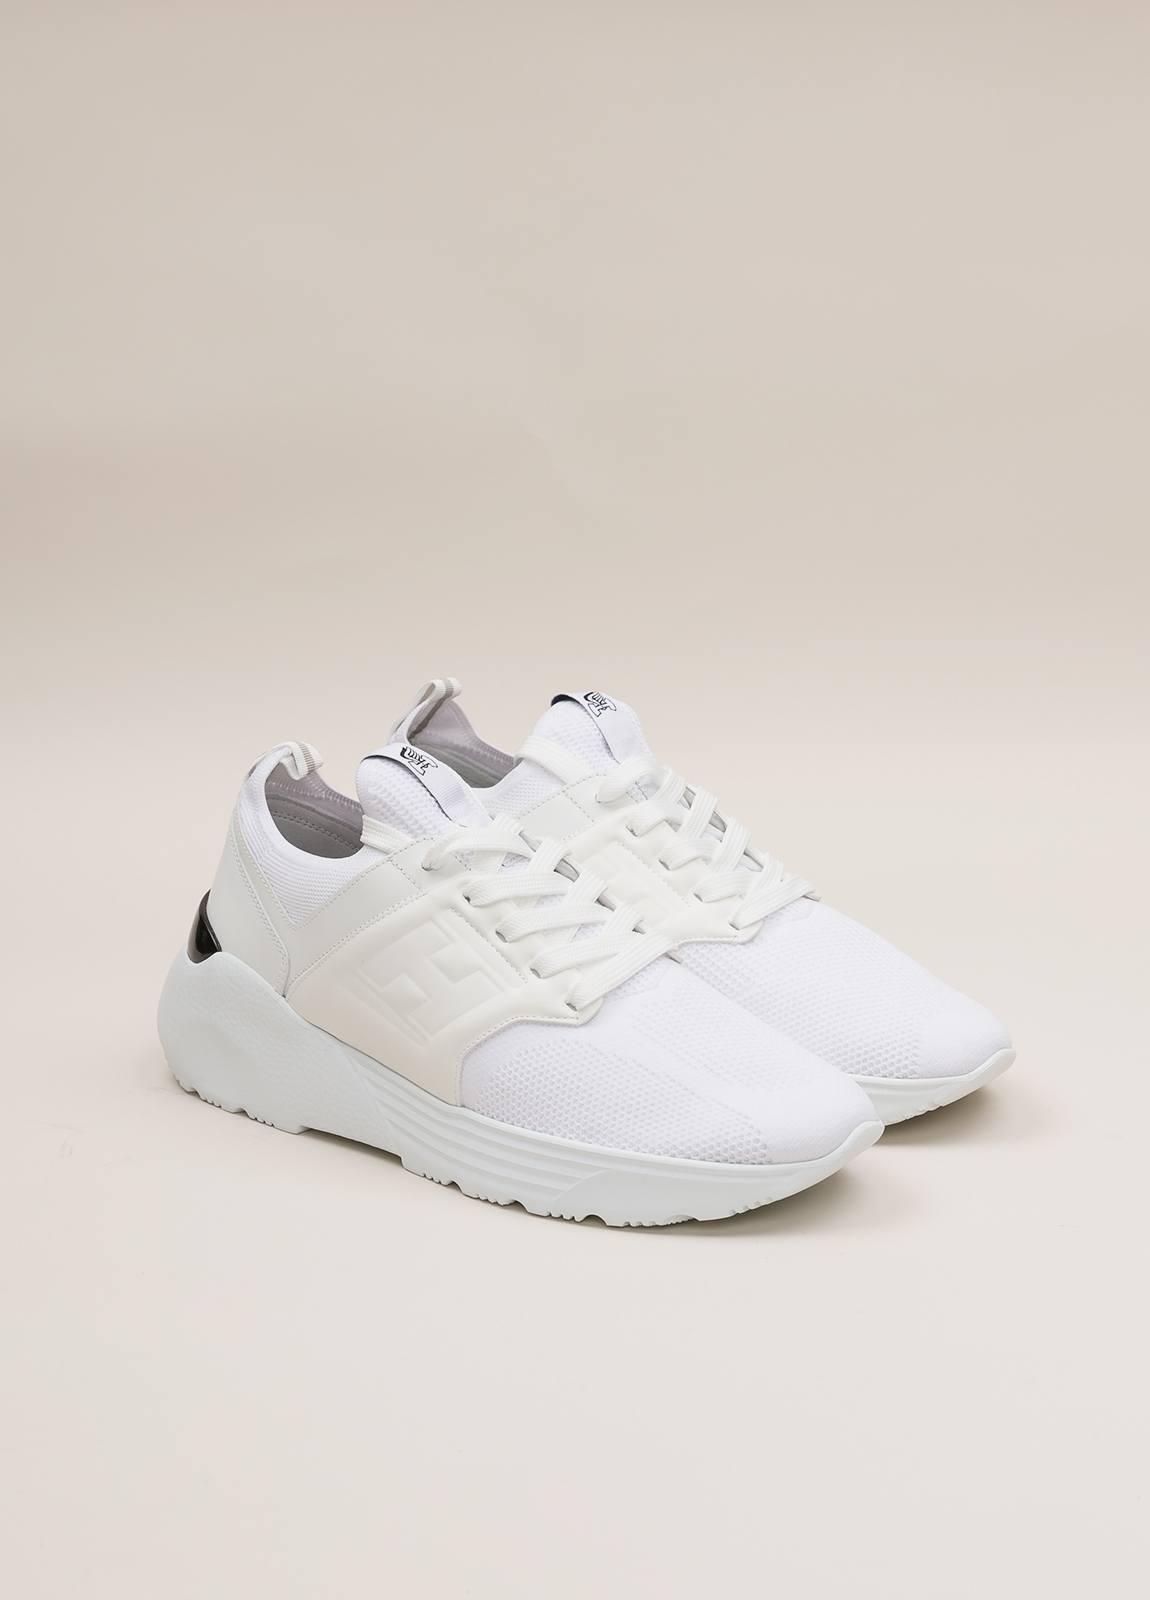 Zapatillas deportivas HOGAN blanco - Ítem2